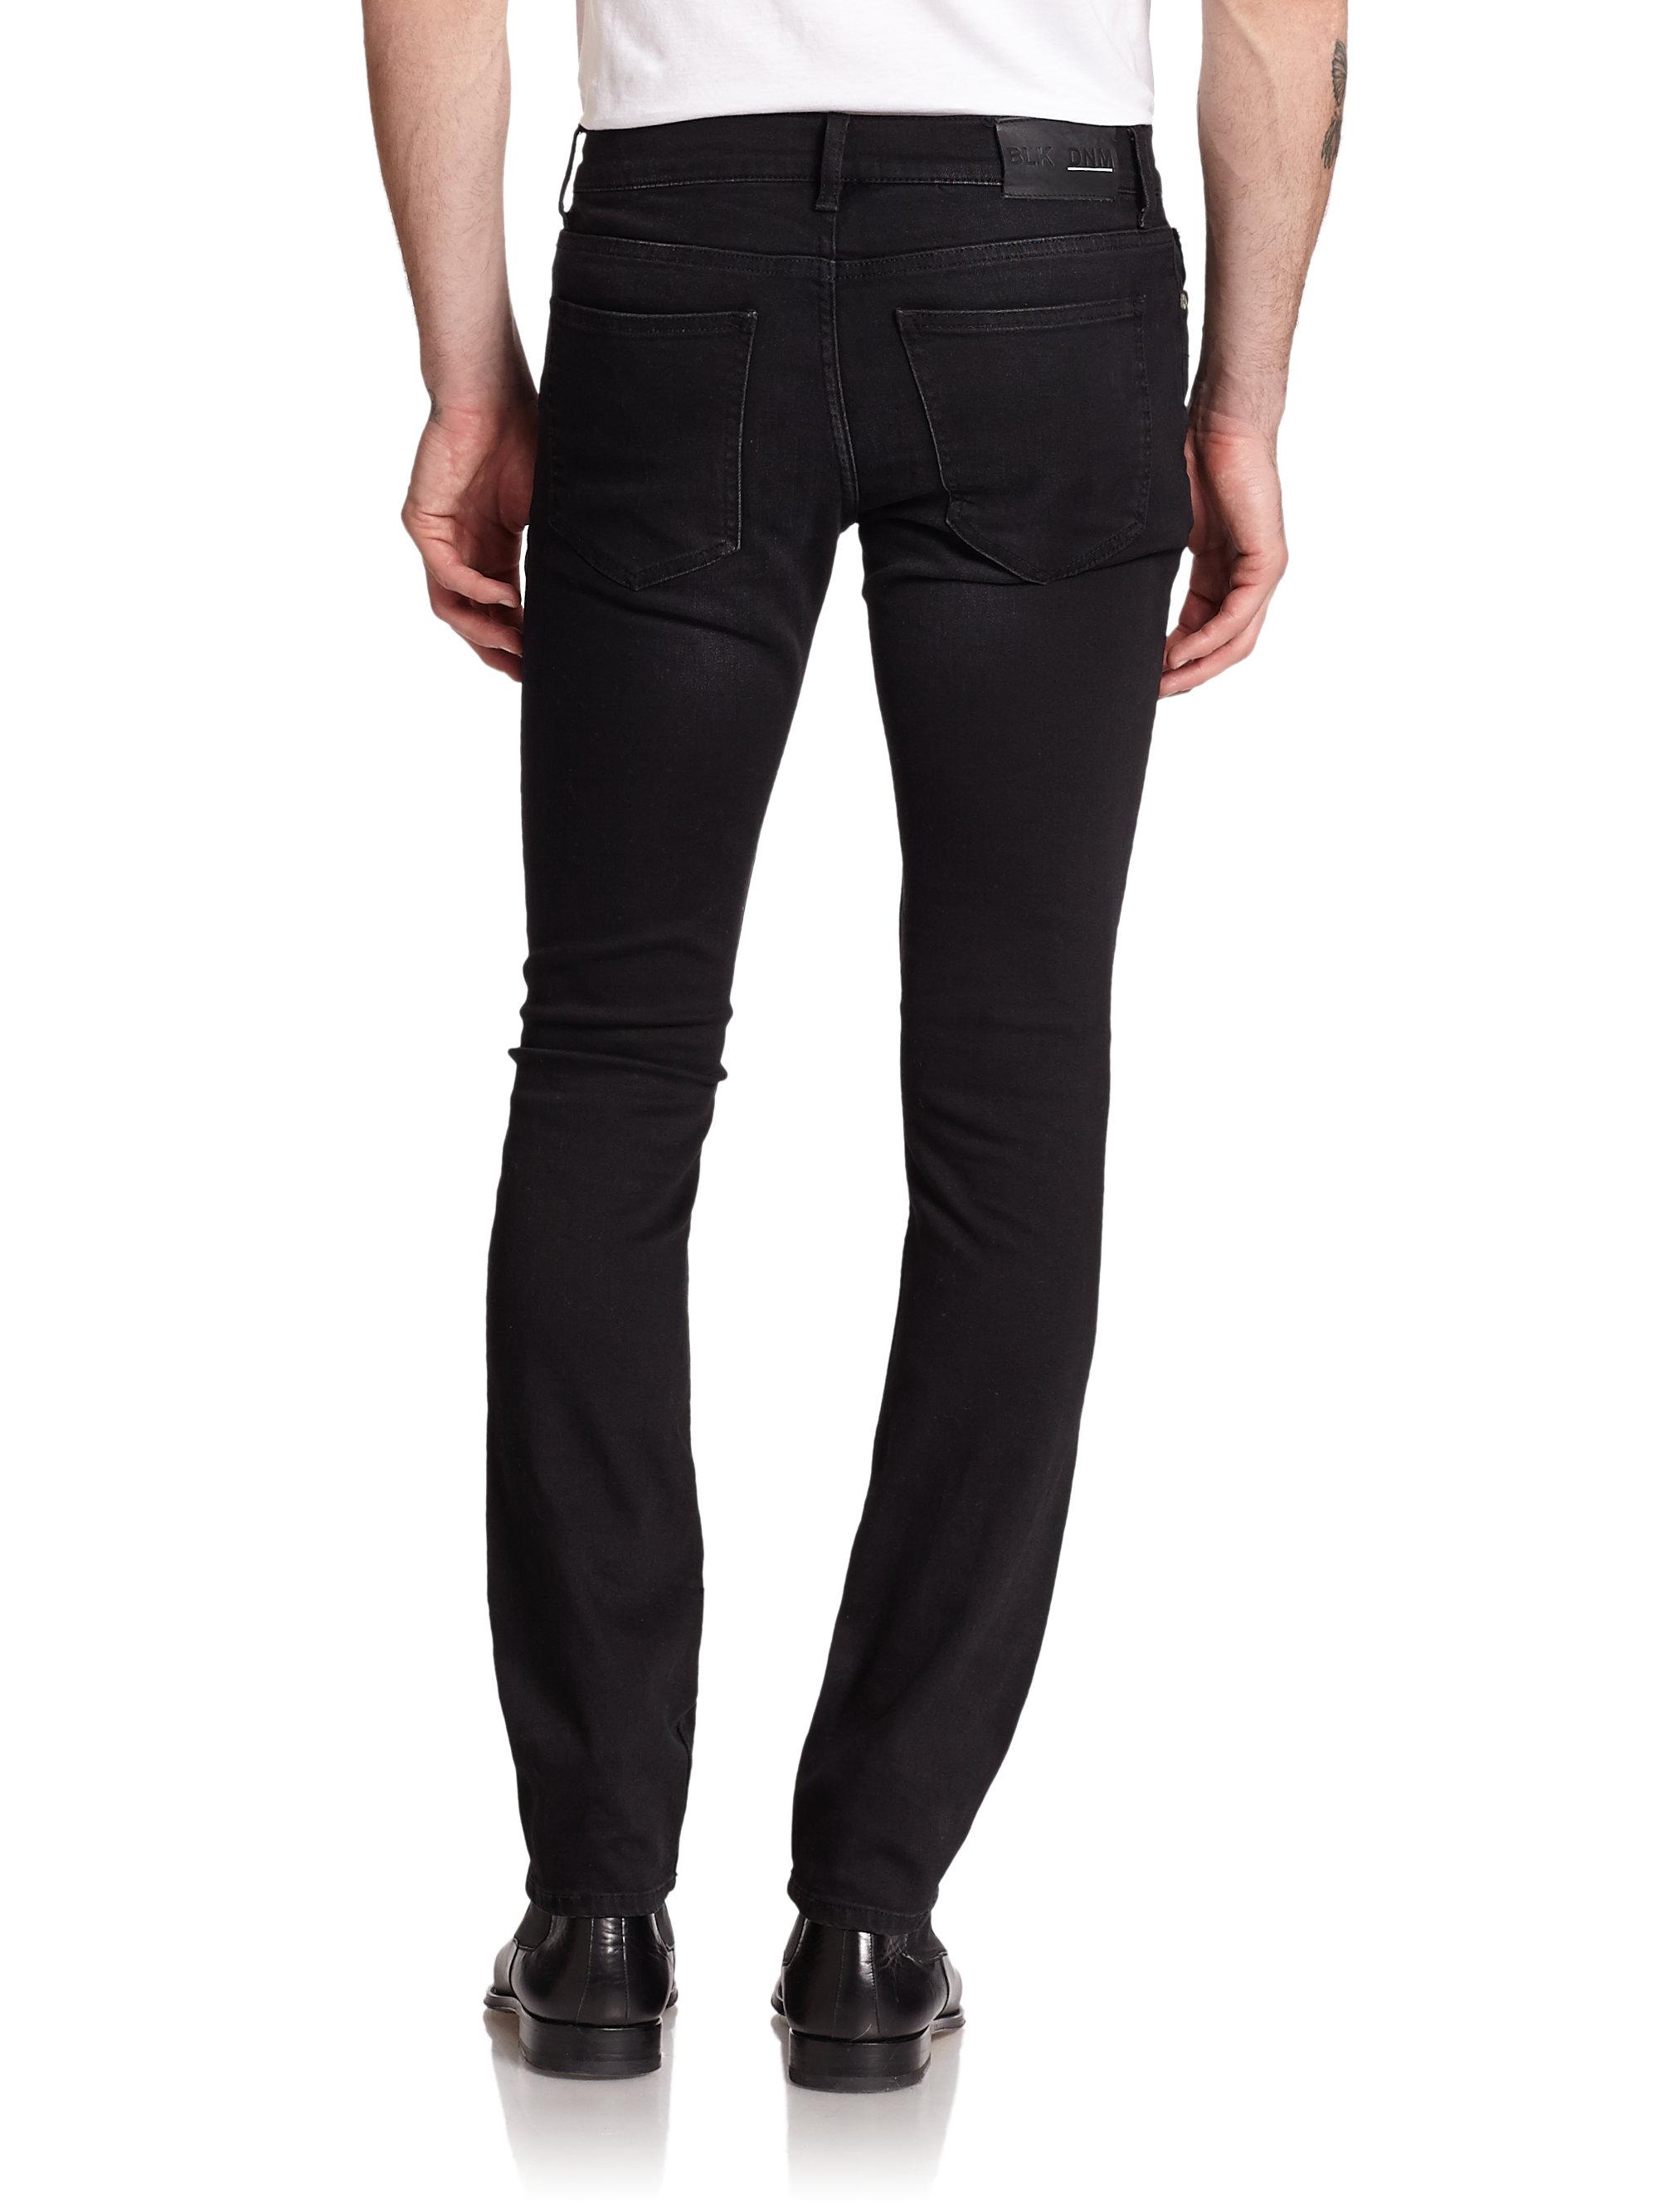 blk dnm 25 skinny fit jeans in black for men lyst. Black Bedroom Furniture Sets. Home Design Ideas